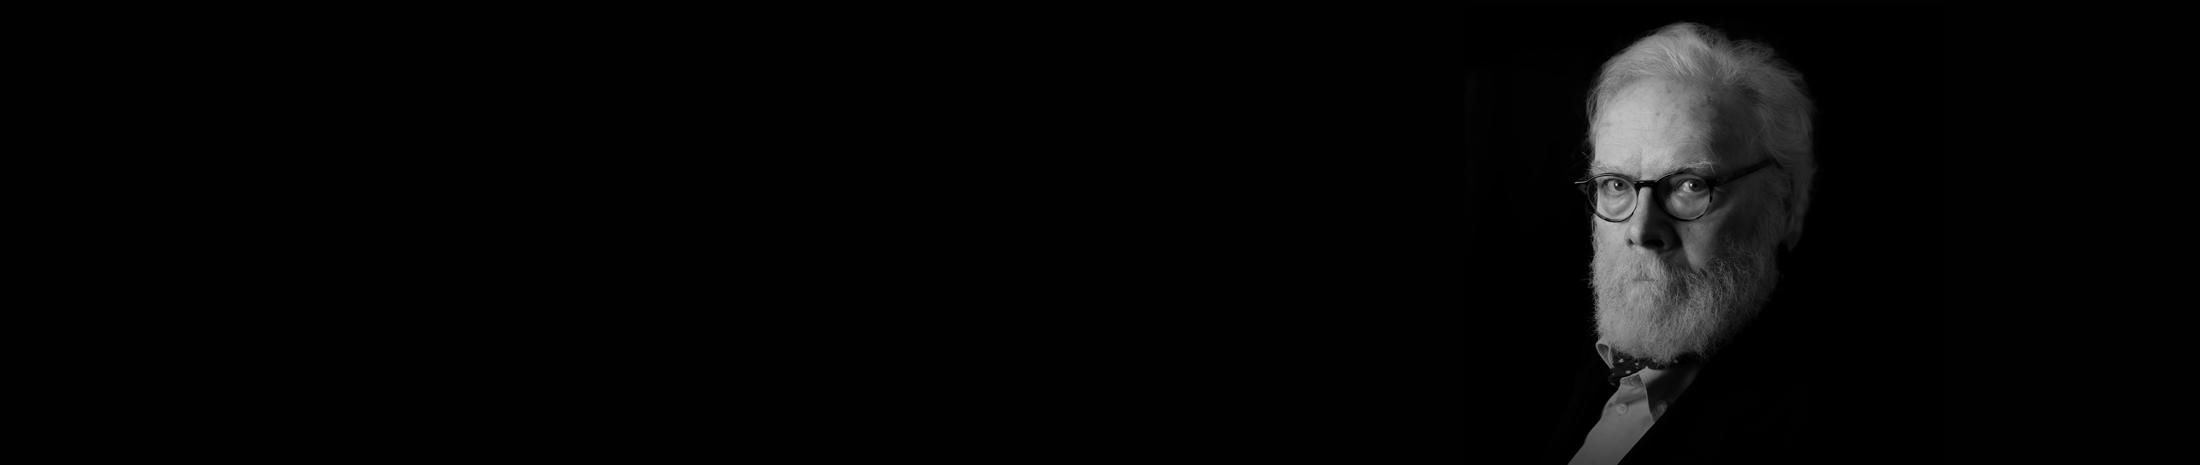 Groene Hart Makelaarsgroep